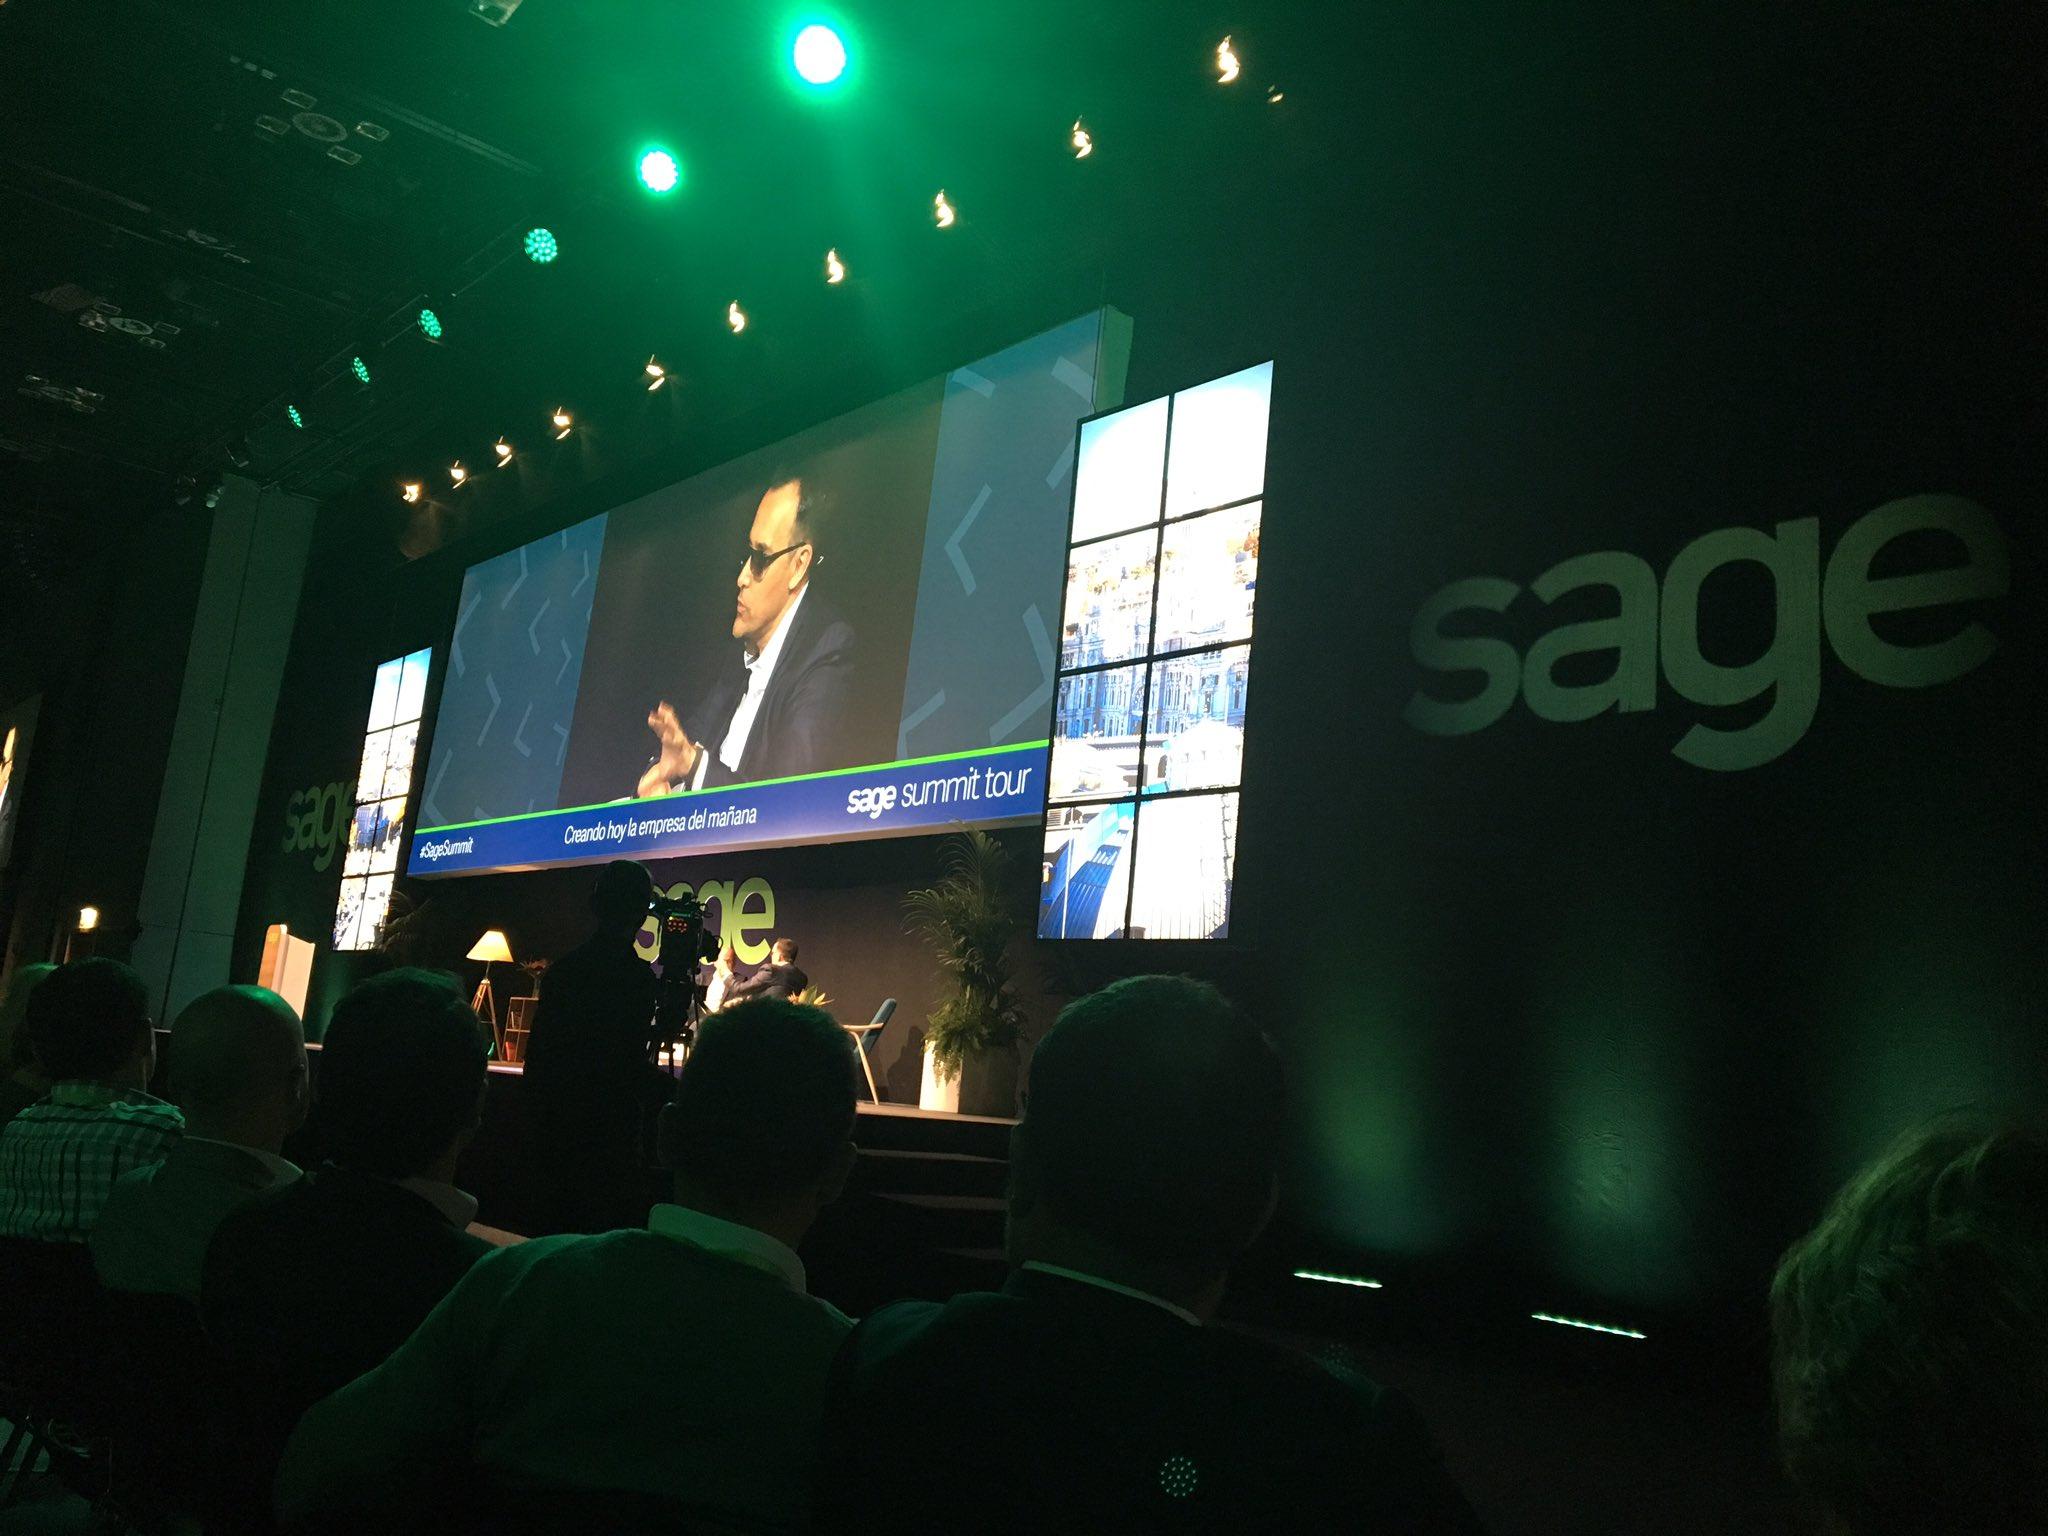 'Nada prepara mejor al fracaso que el éxito' @ristomejide #sagesummit #SageConecta @SageSpain @luispardo1 https://t.co/JISLeSldum